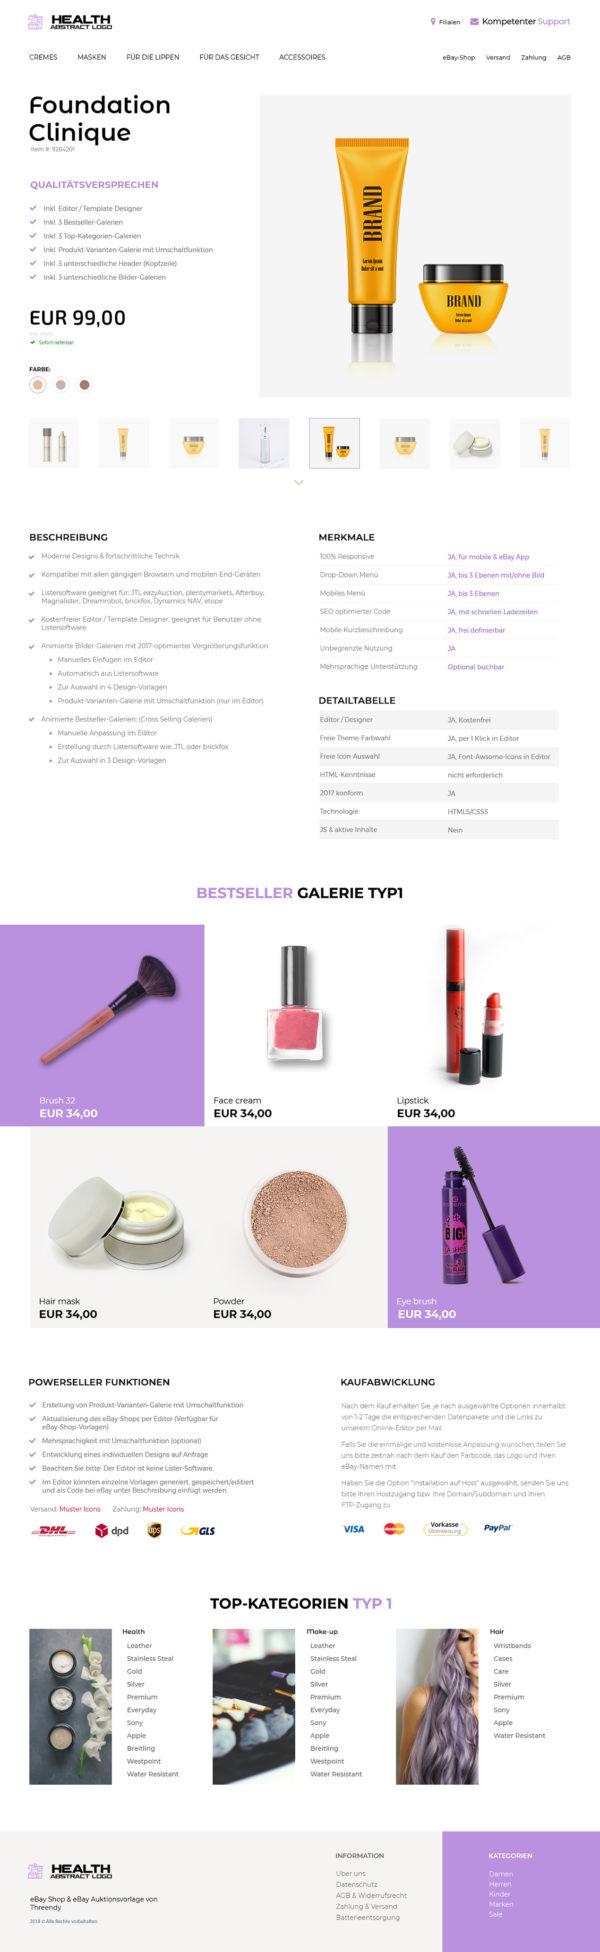 Beauty & Kosmetik Branche eBay Angebotsvorlage